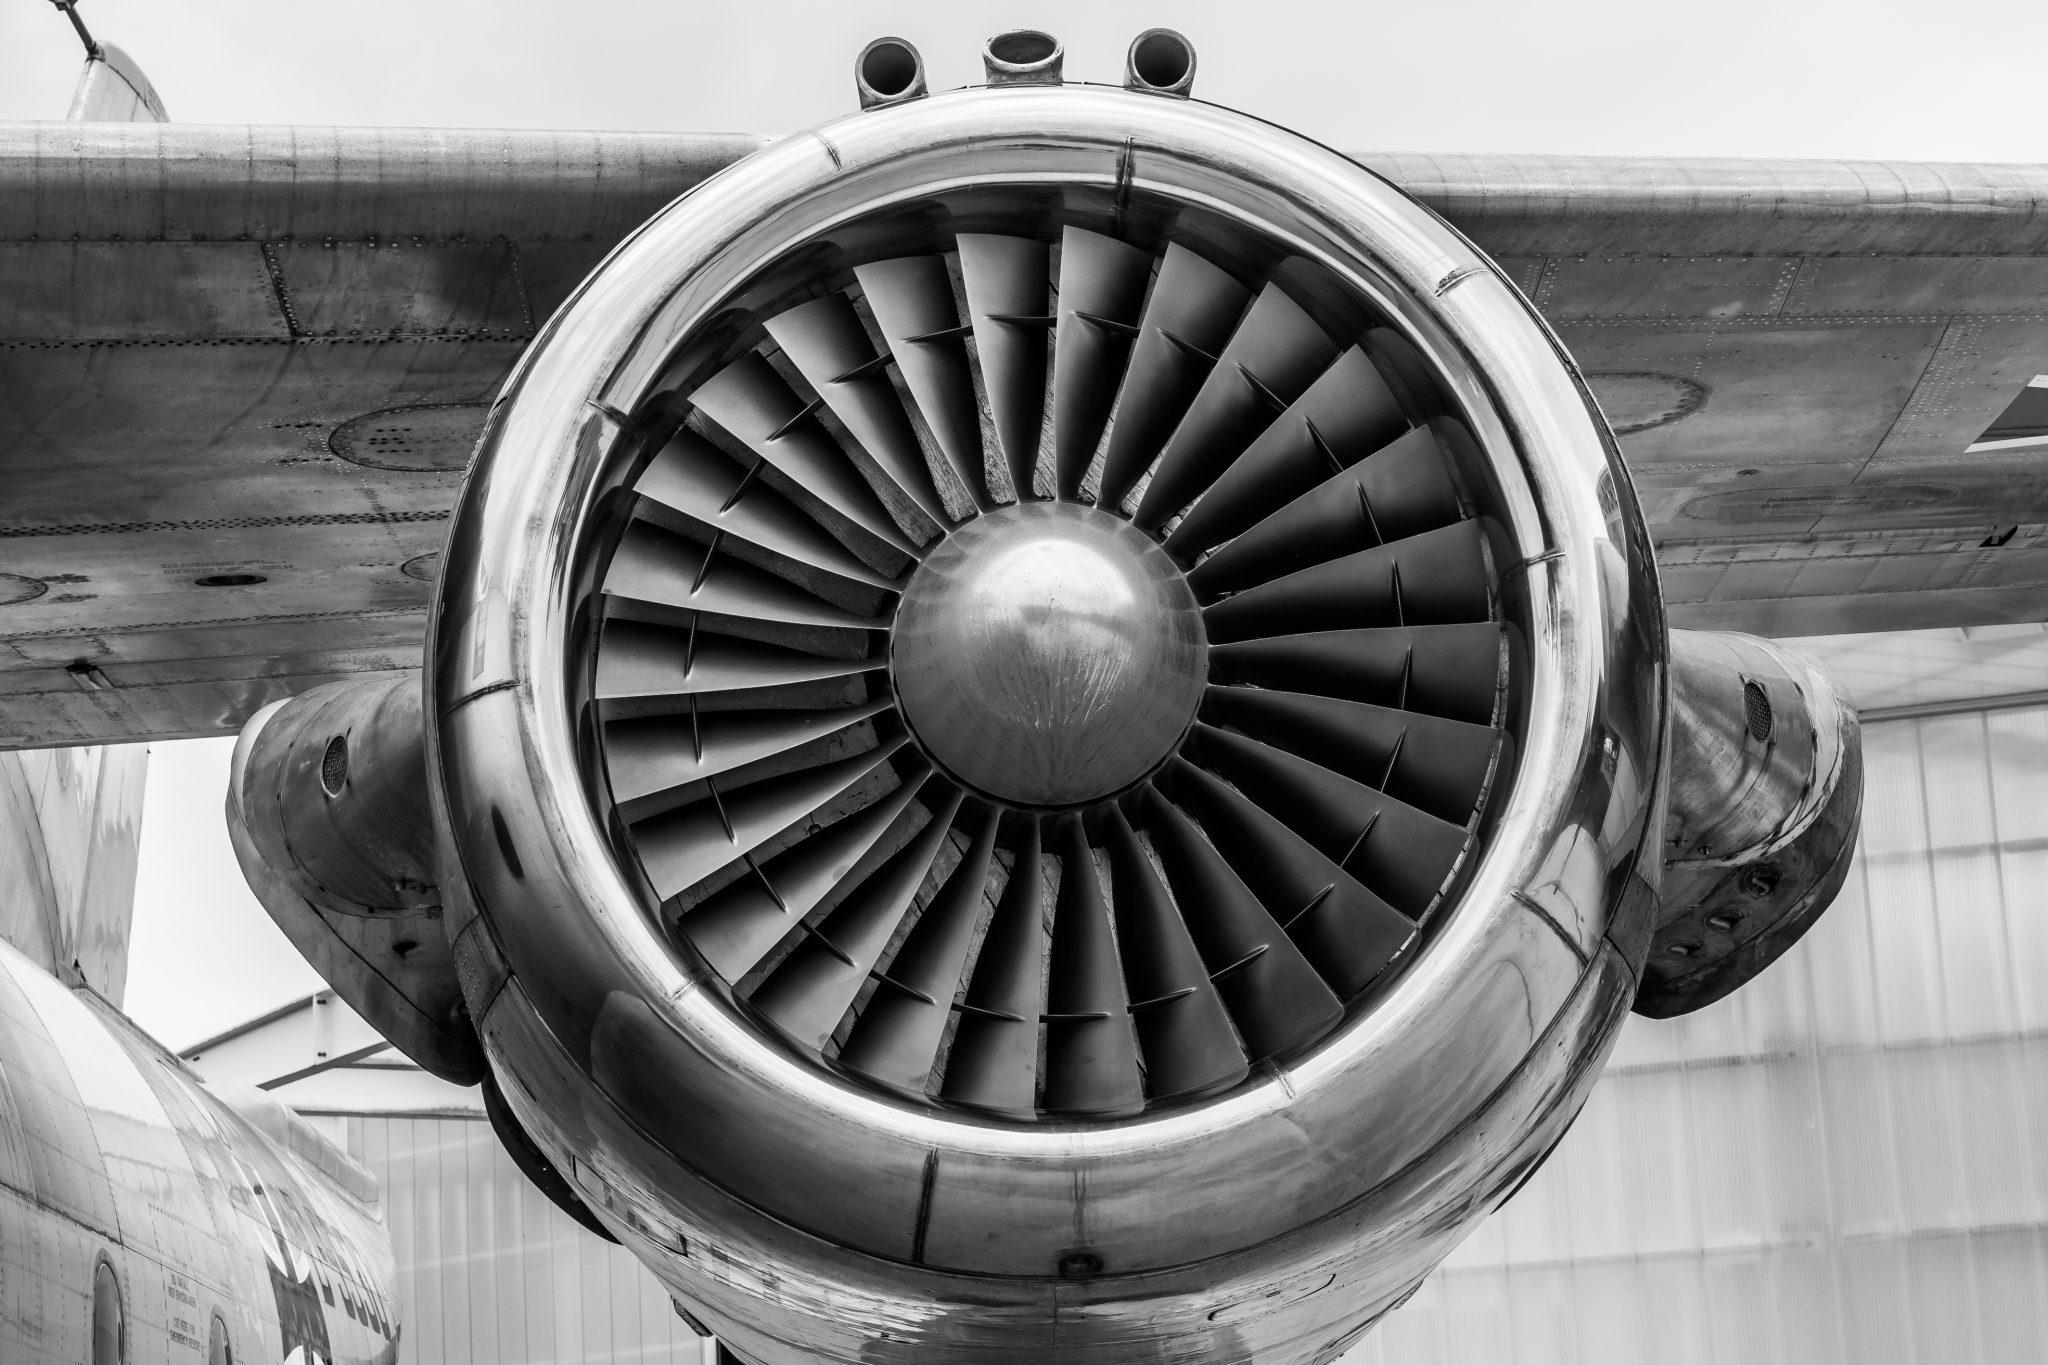 Boeing abgestürzt